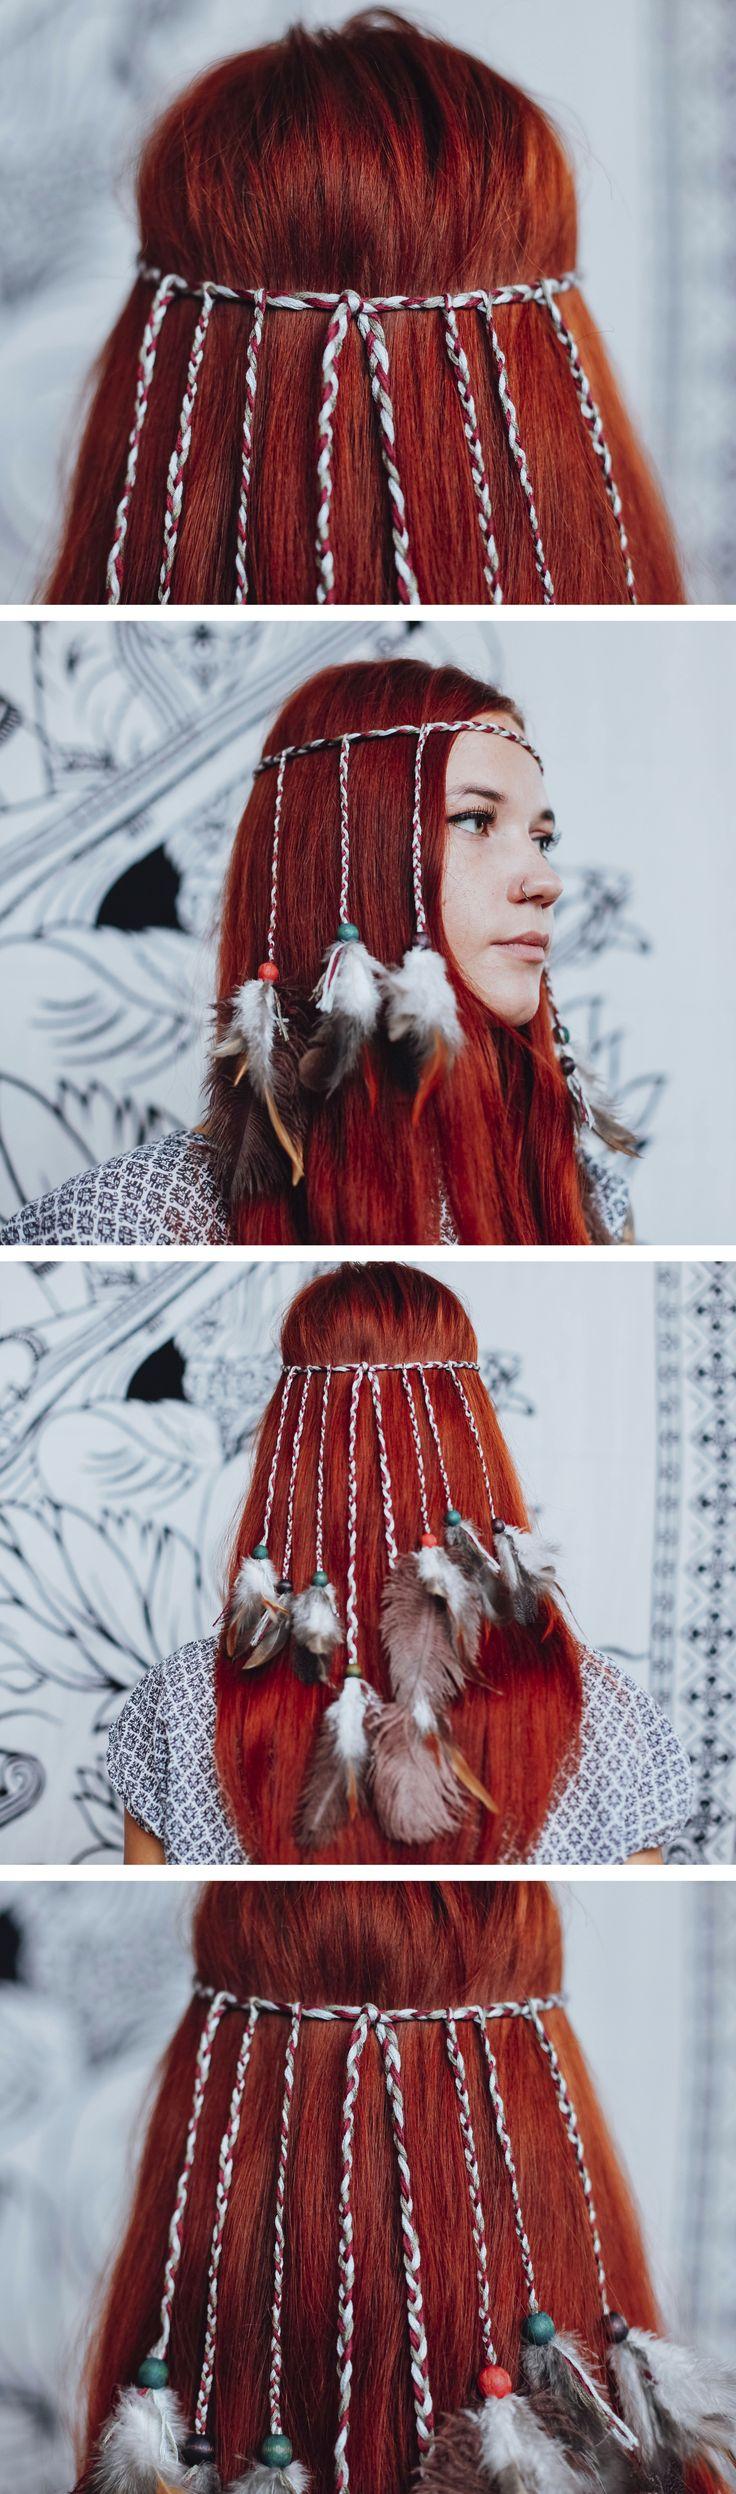 Hippie Headband / Feather Headband / Boho Headband / Festival Headband / Hair Accessories / Bohemian / Tribal